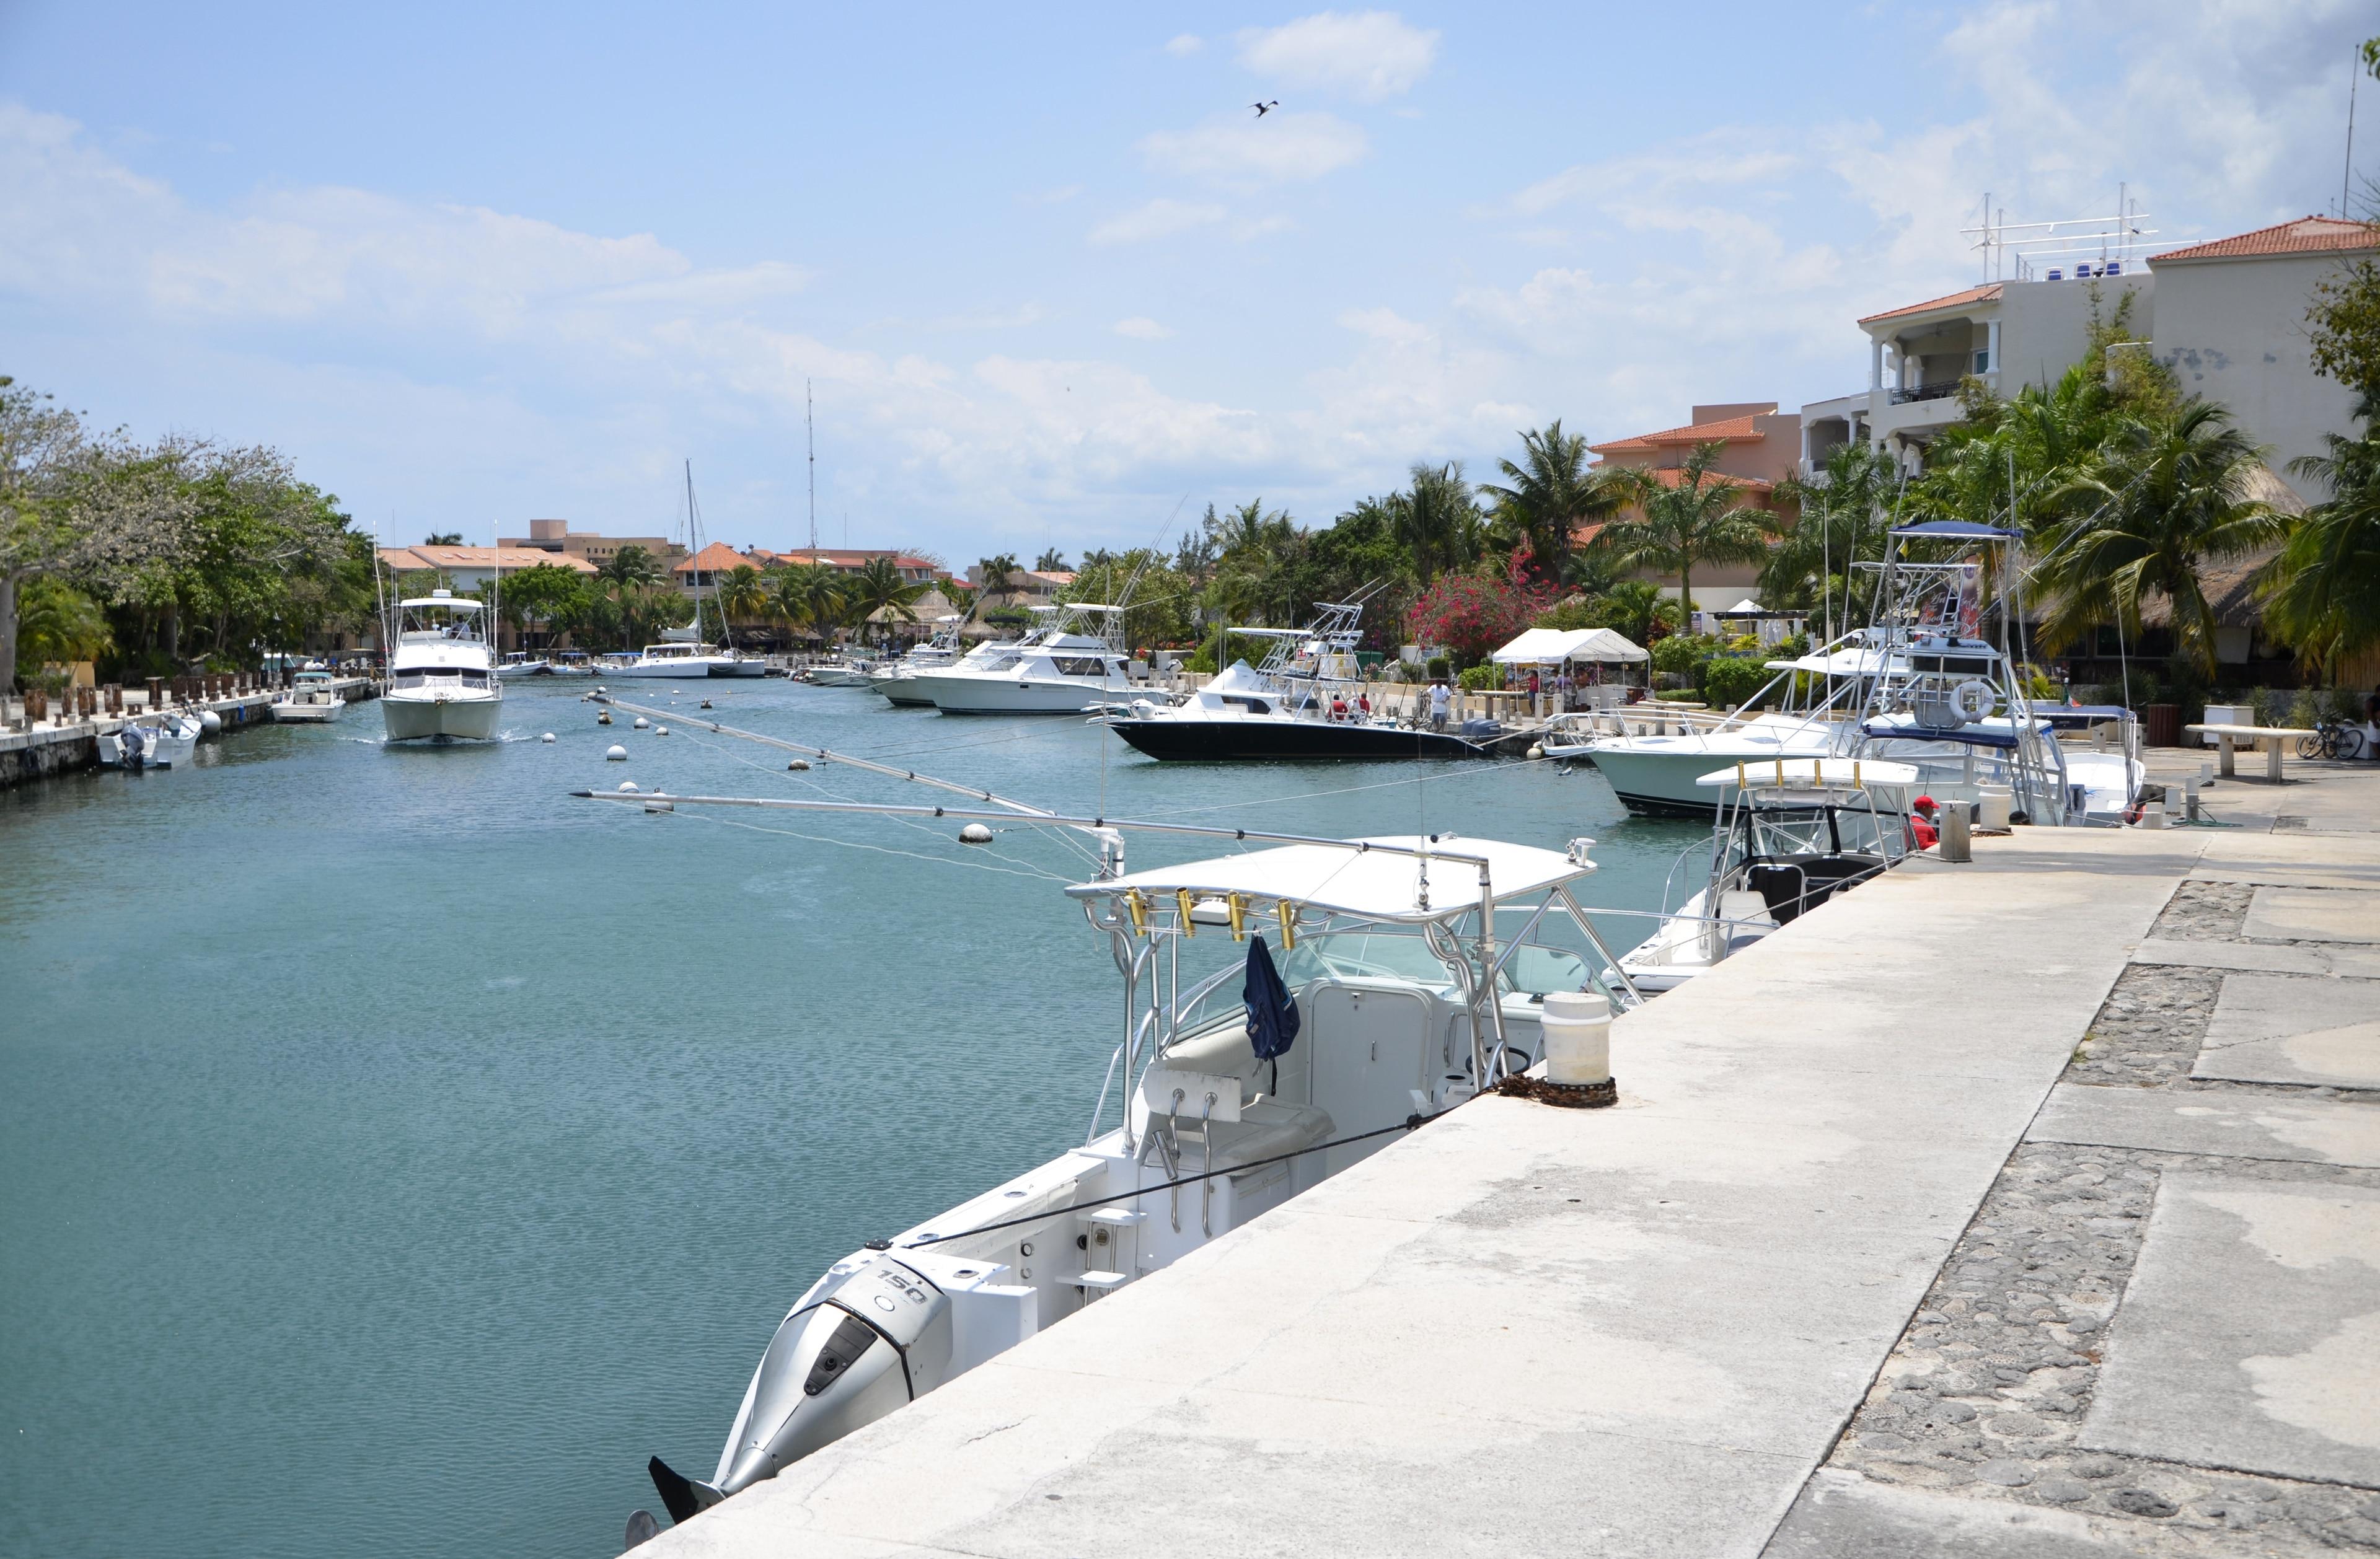 Port de plaisance de Puerto Aventuras, Puerto Aventuras, Quintana Roo, Mexique